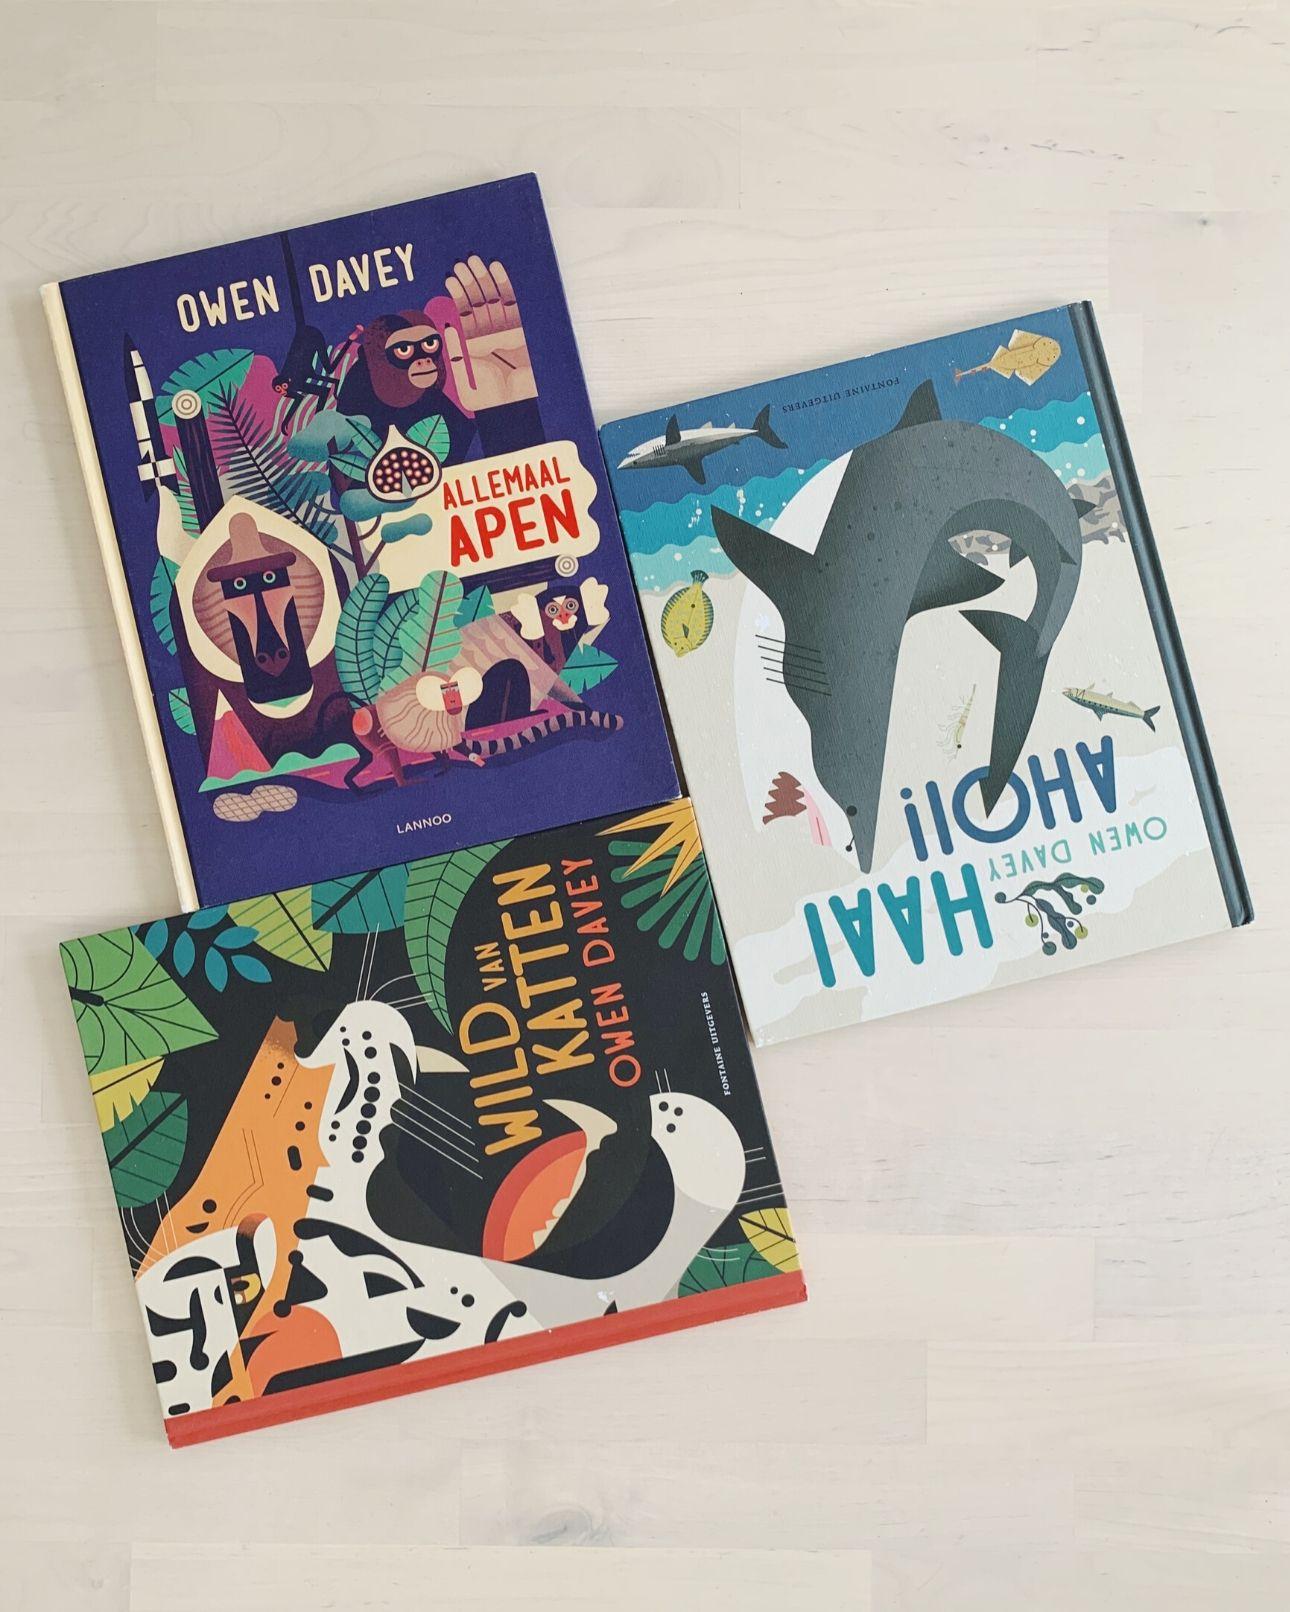 Kinderboeken Owen Davey haai ahoi allemaal apen wild van katten